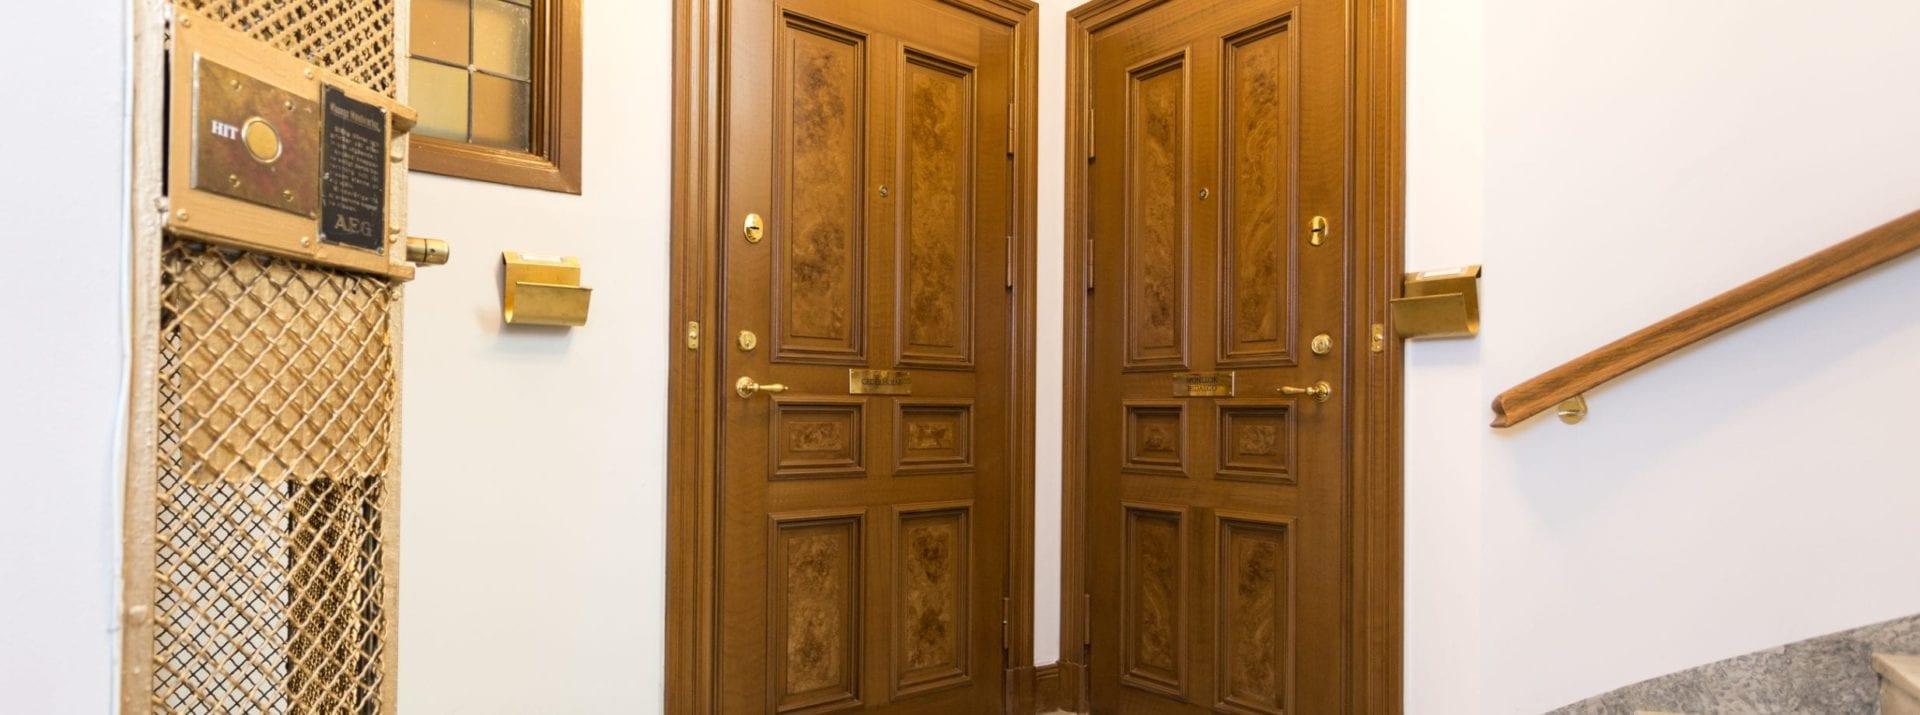 شركات صناعة الأبواب في تركيا